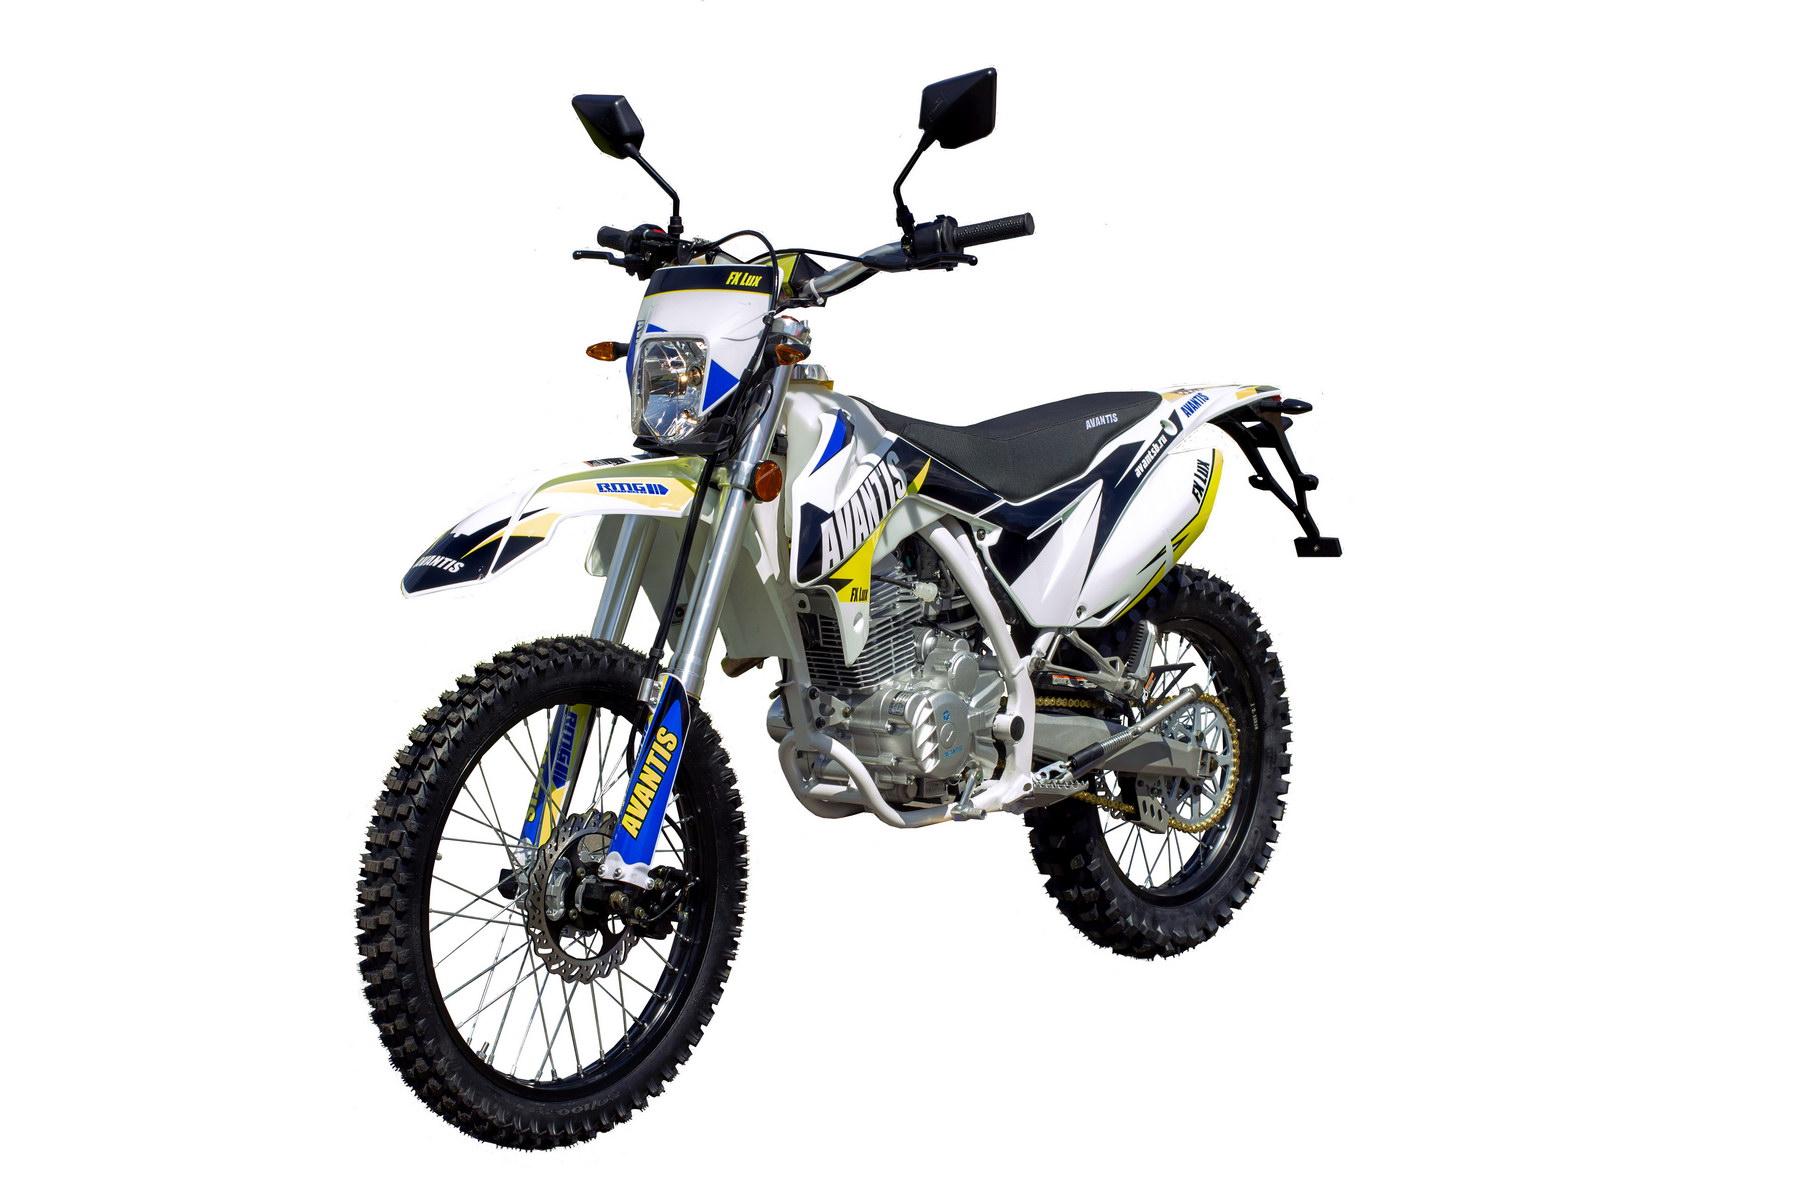 Мотоцикл Avantis FX 250 Lux с ПТС